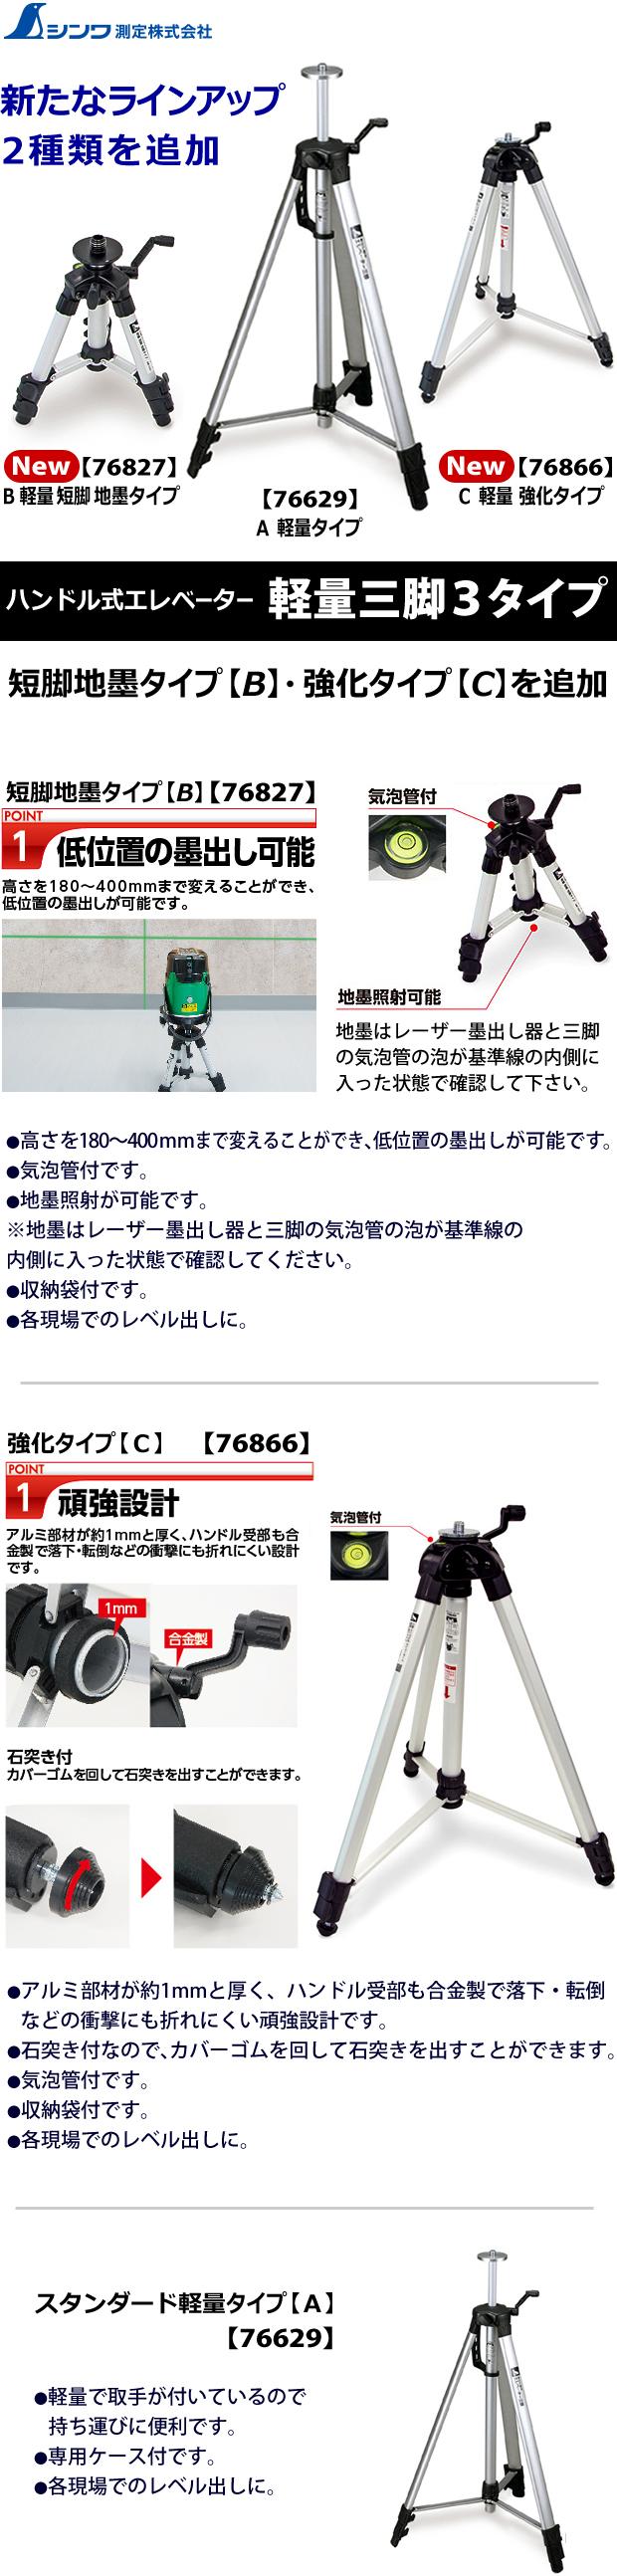 シンワ ハンドル式エレベーター 三脚 3タイプ【A】【B】【C】